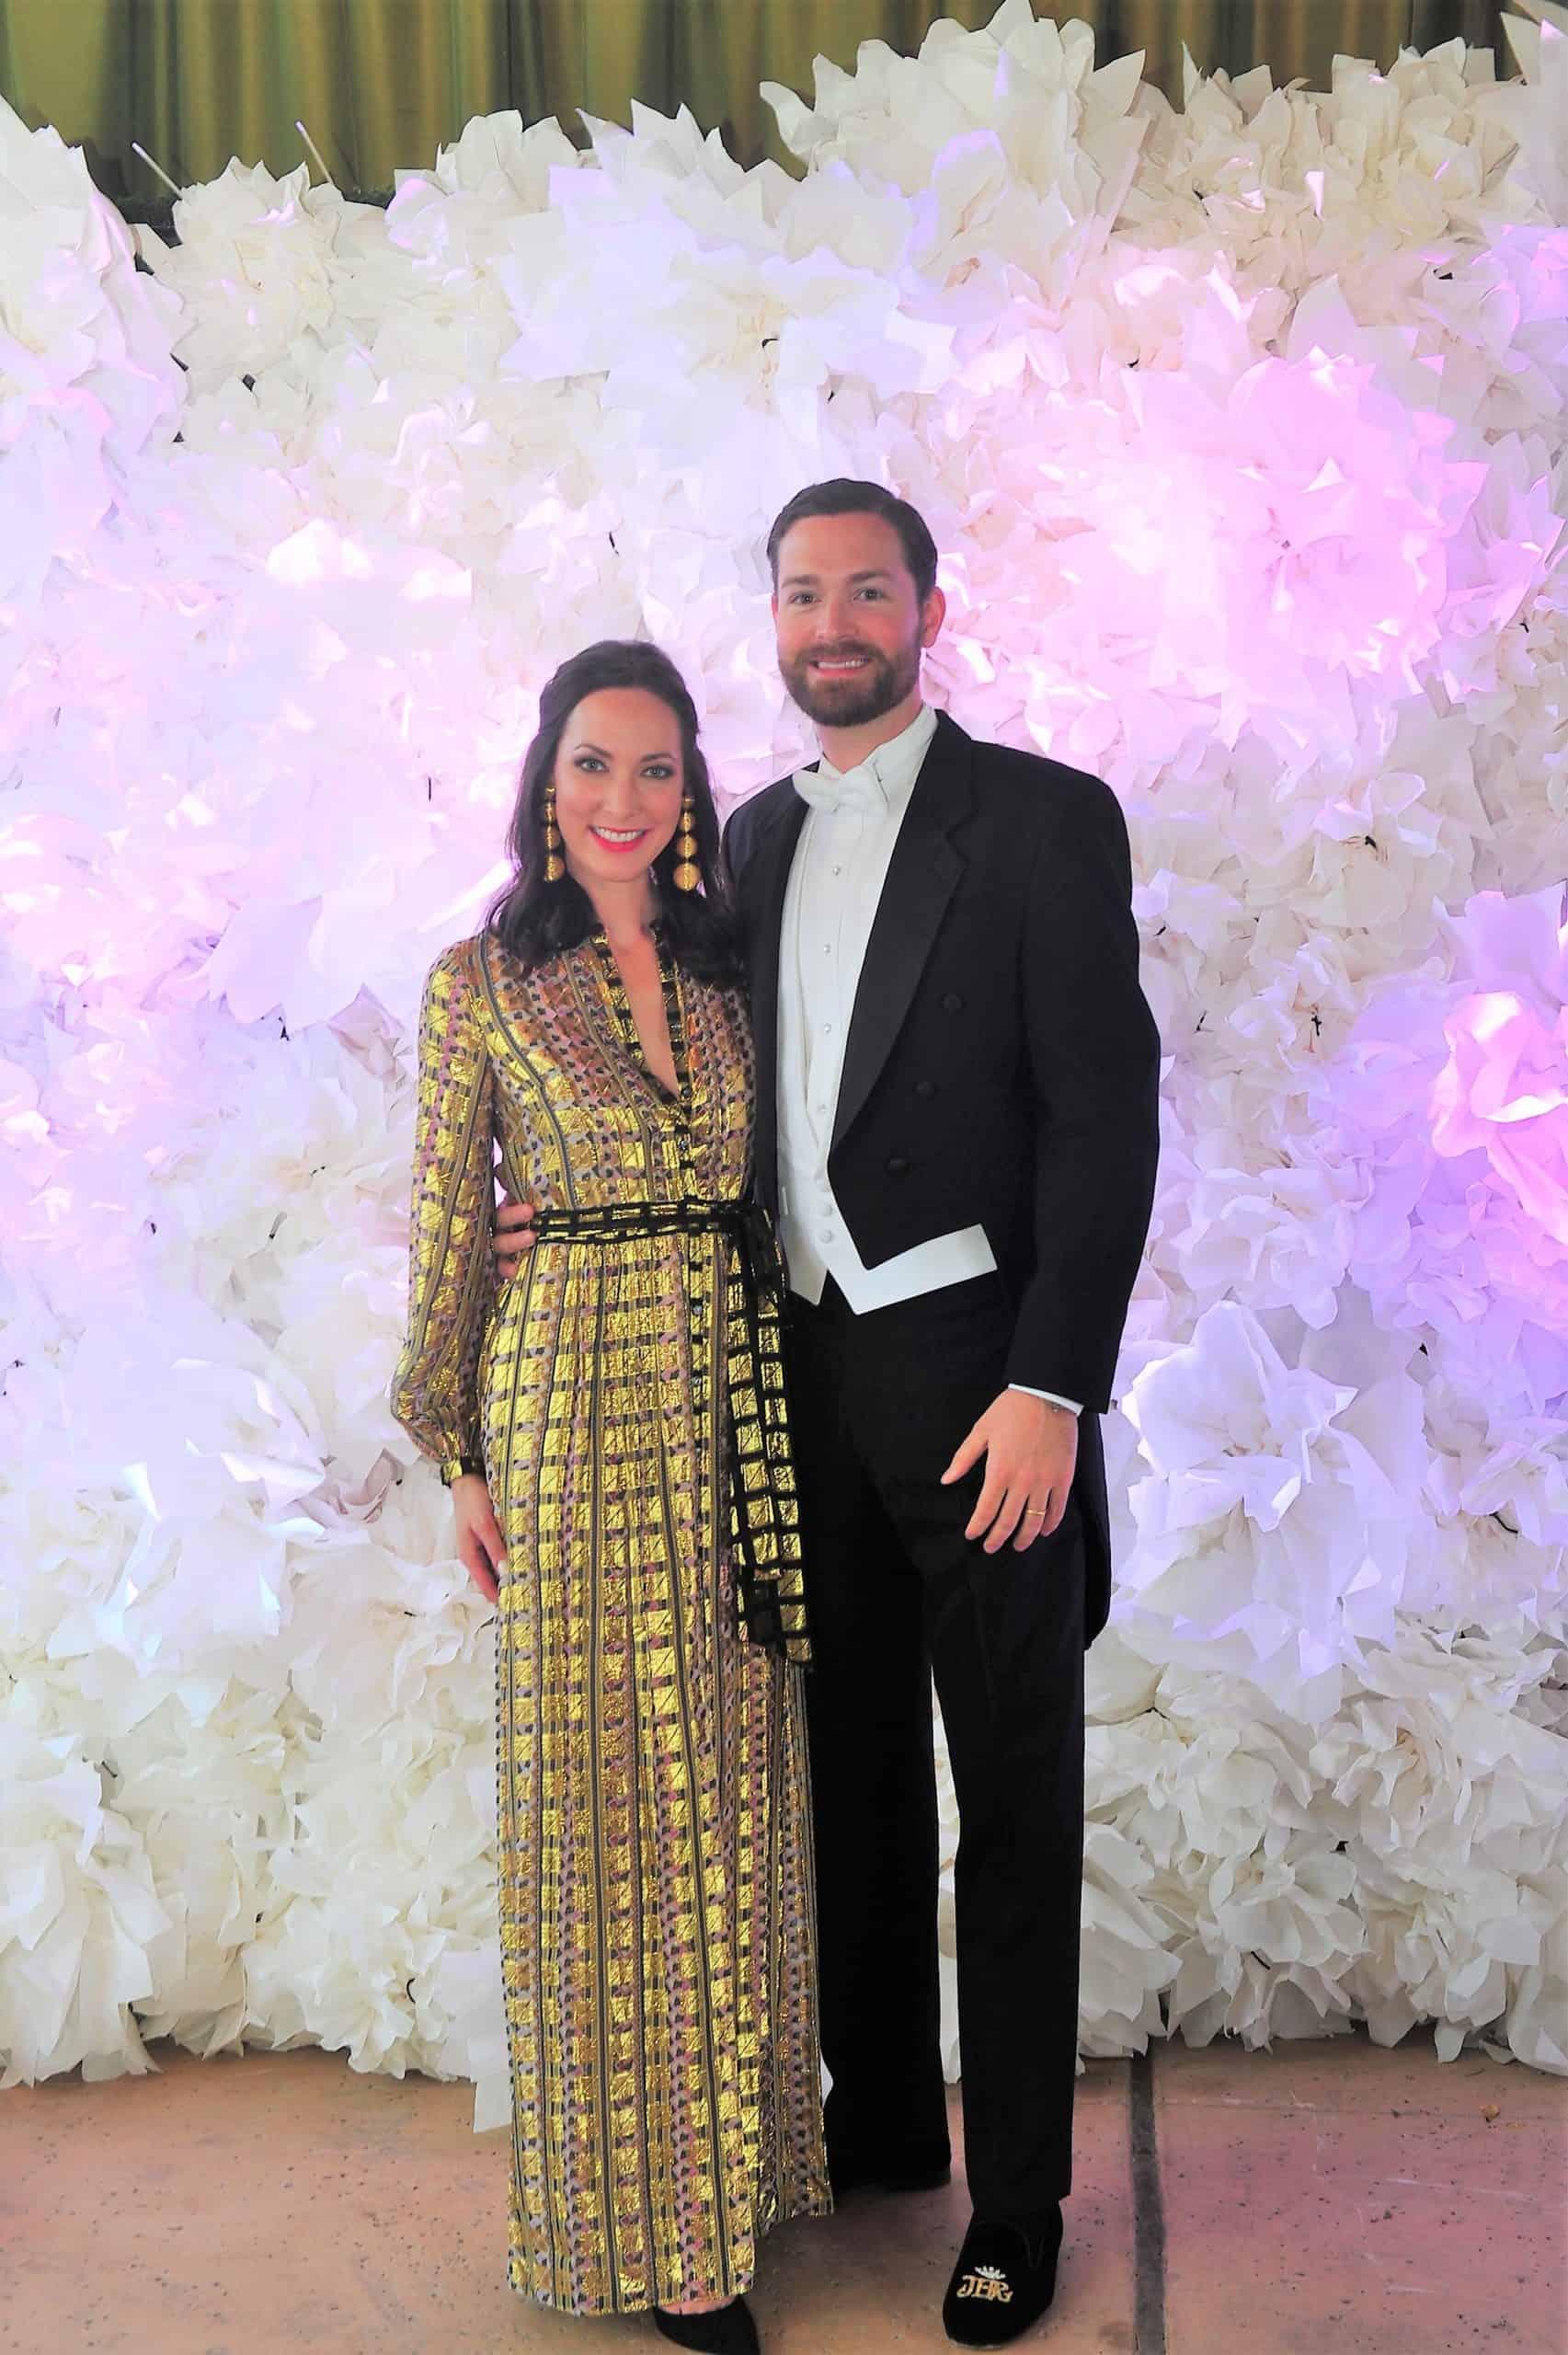 Corinna and JB Richter